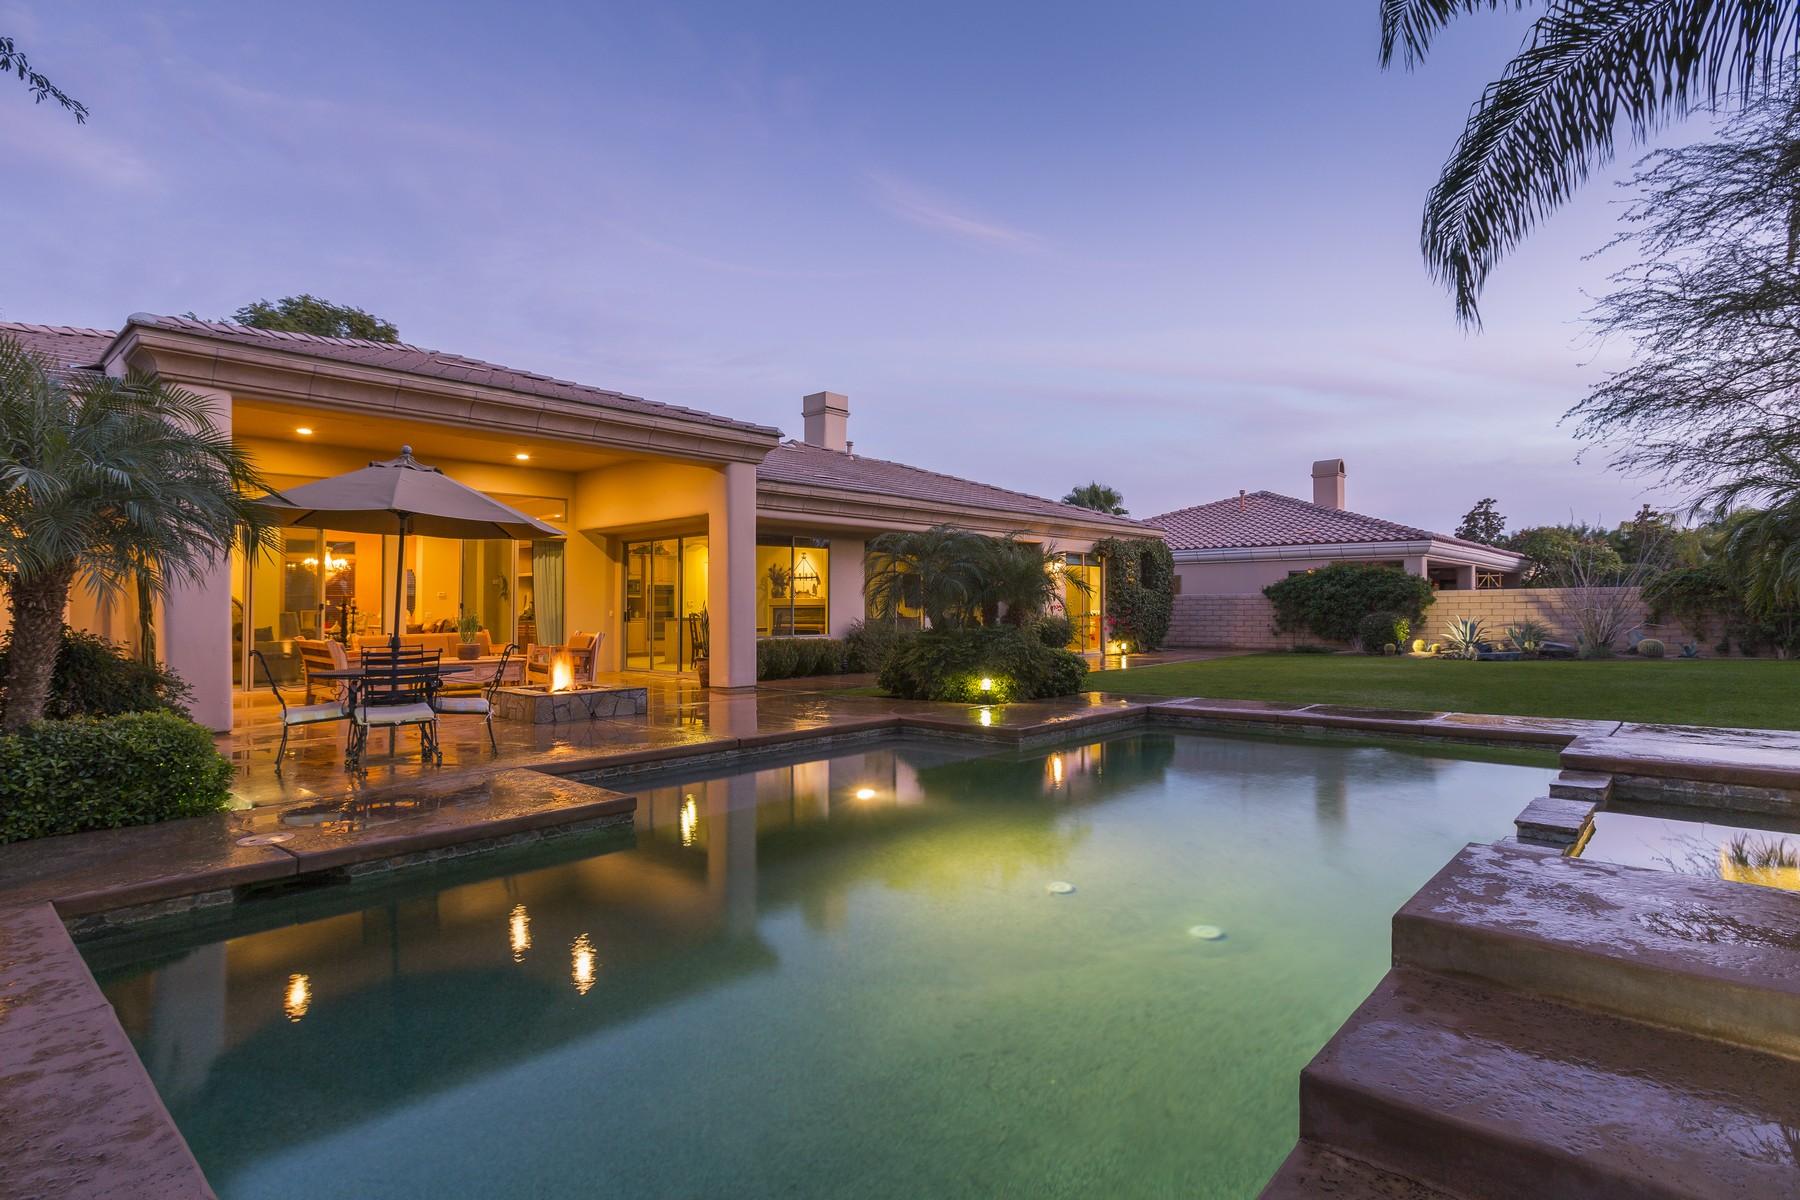 Single Family Home for Sale at 49475 Rancho La Merced La Quinta, California 92253 United States